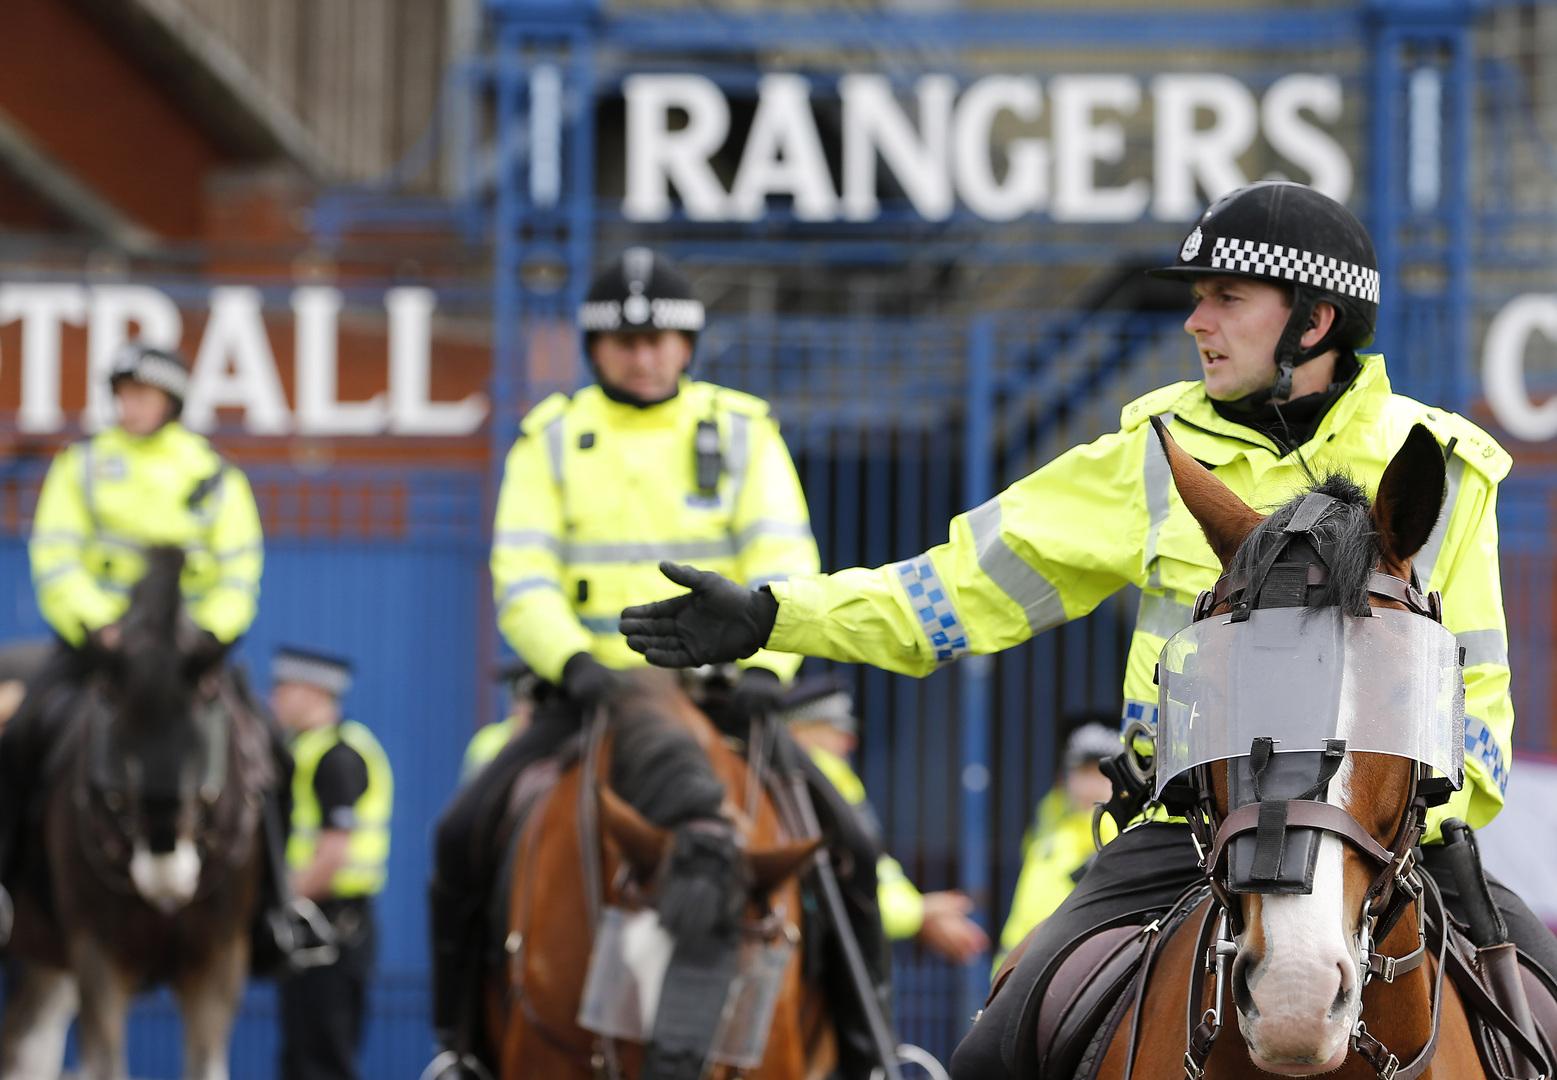 الشرطة الاسكتلندية